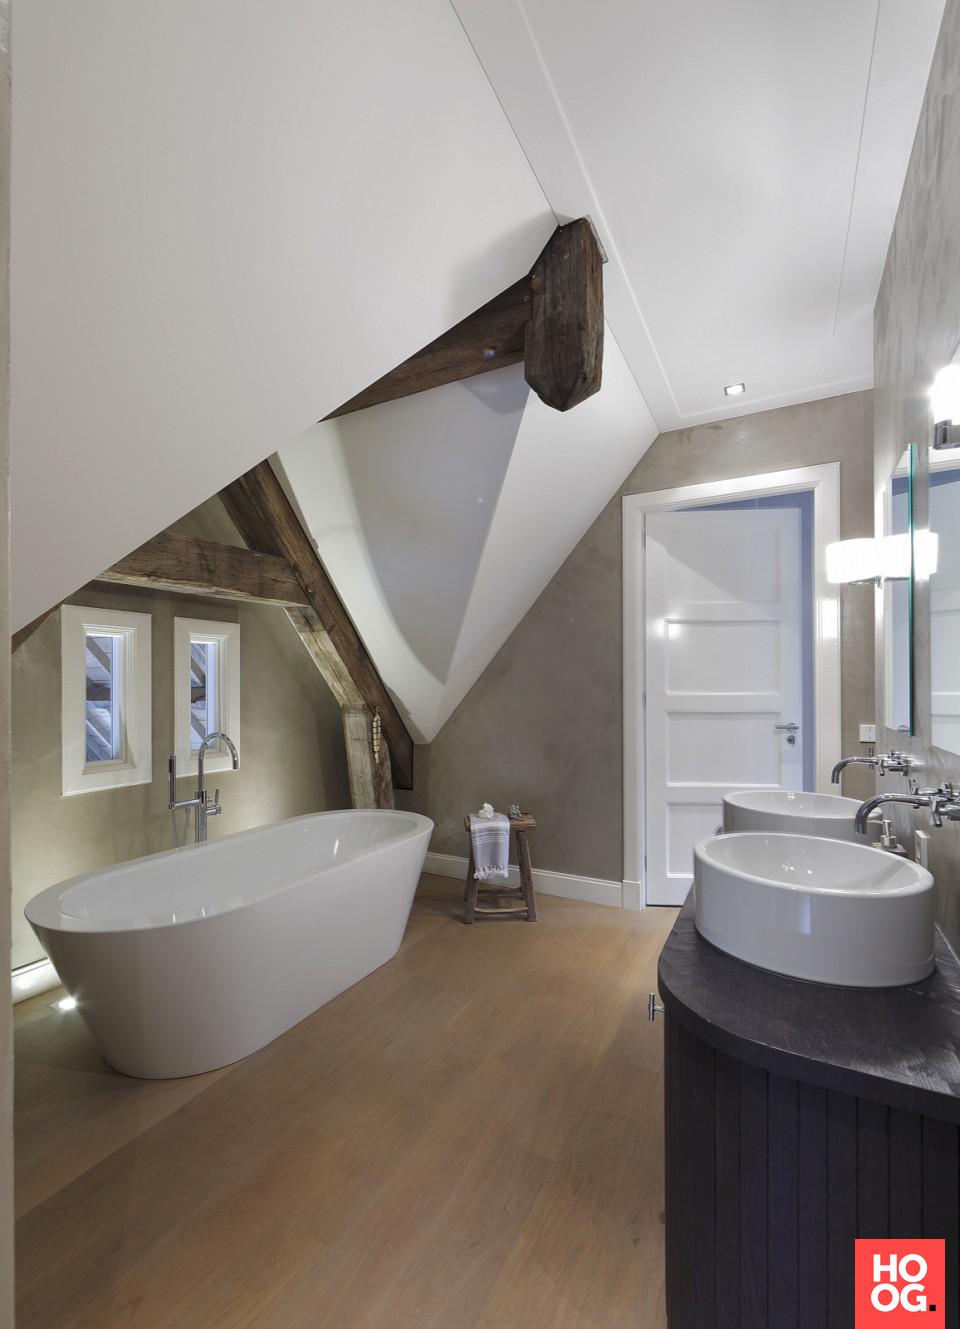 Luxe badkamers voorbeelden met ligbad | Badkamer | Pinterest